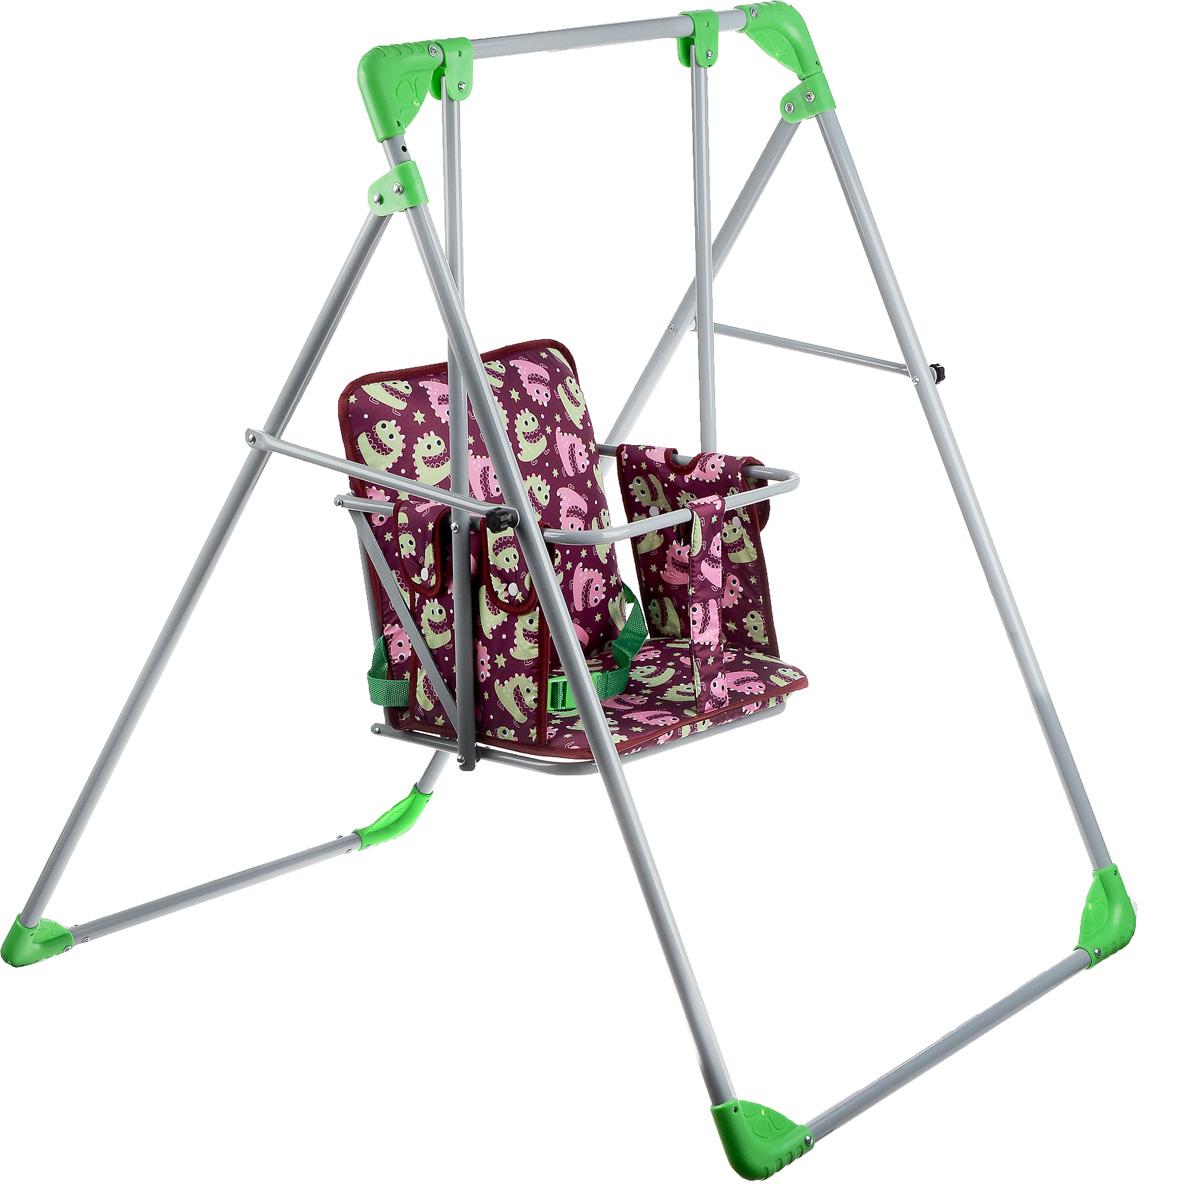 Фея Качели Чарли цвет бордовый зеленый - Ходунки, прыгунки, качалки